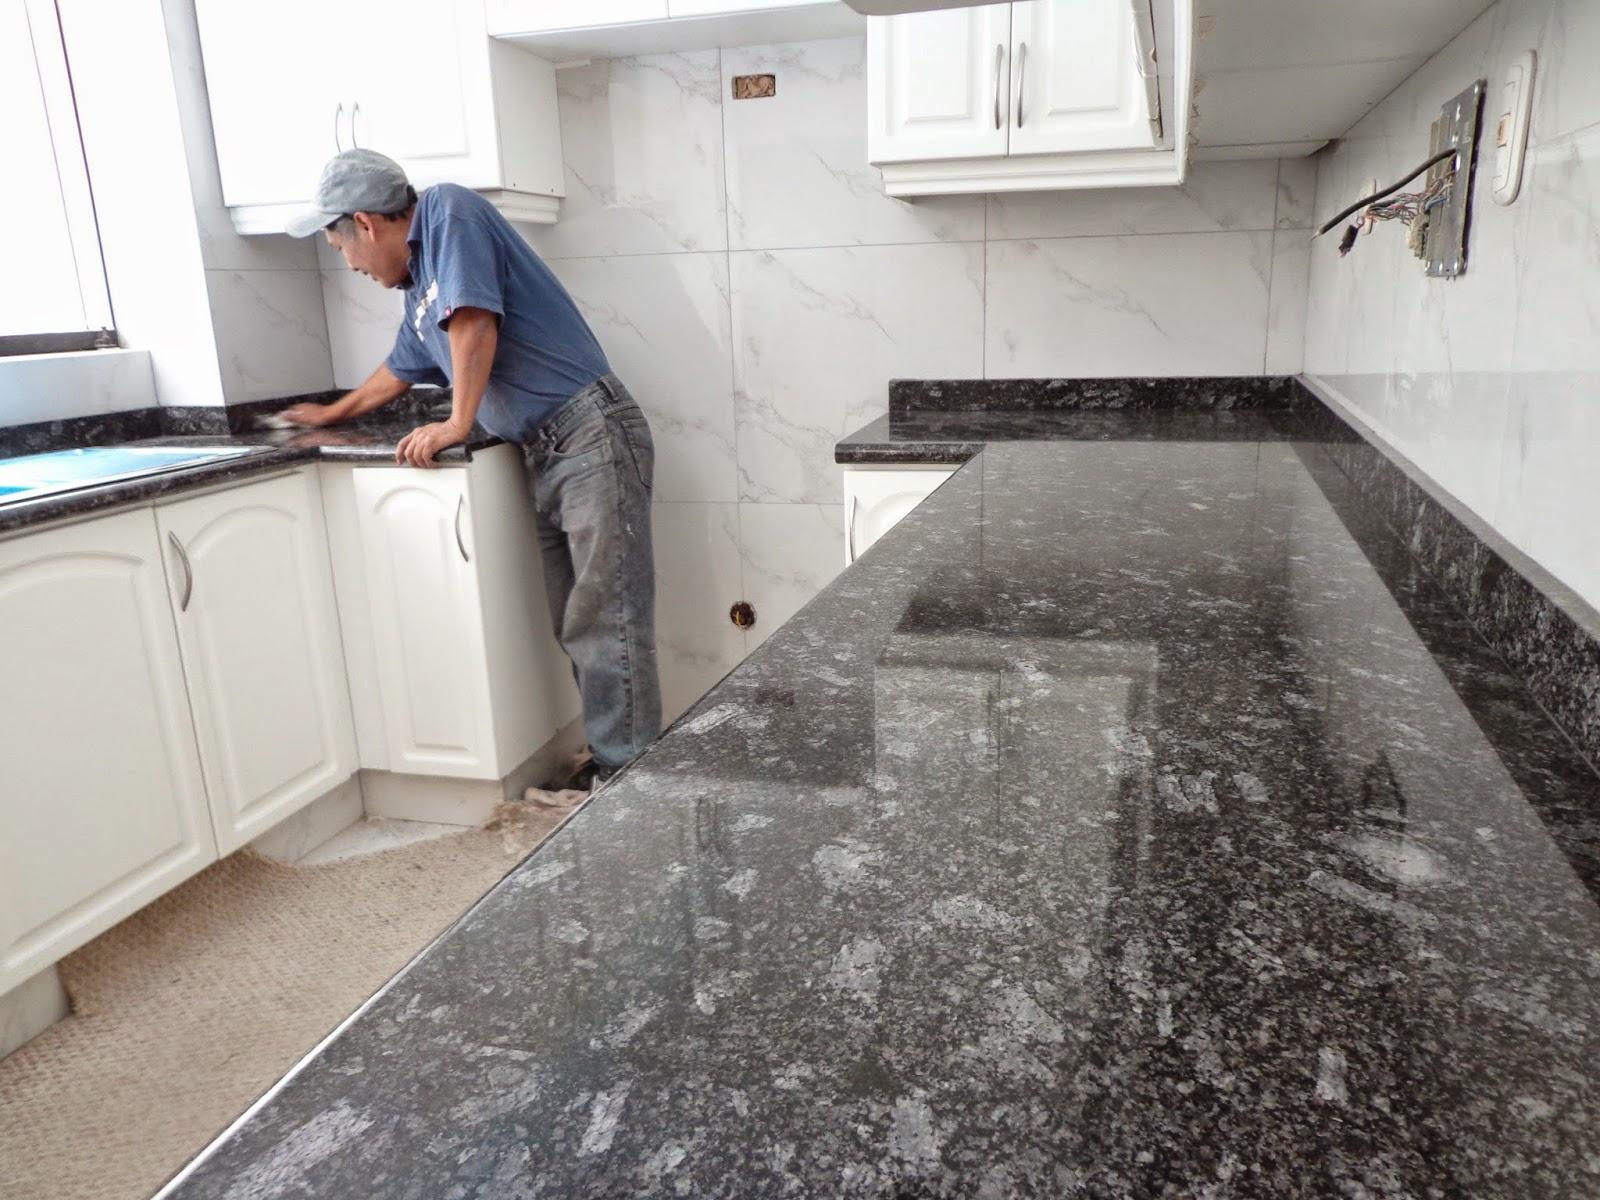 en caso de encimeras y topes de cocina lo ms conveniente es limpiarlos cada vez que se los emplea hay que considerar que los lquidos derramados sobre